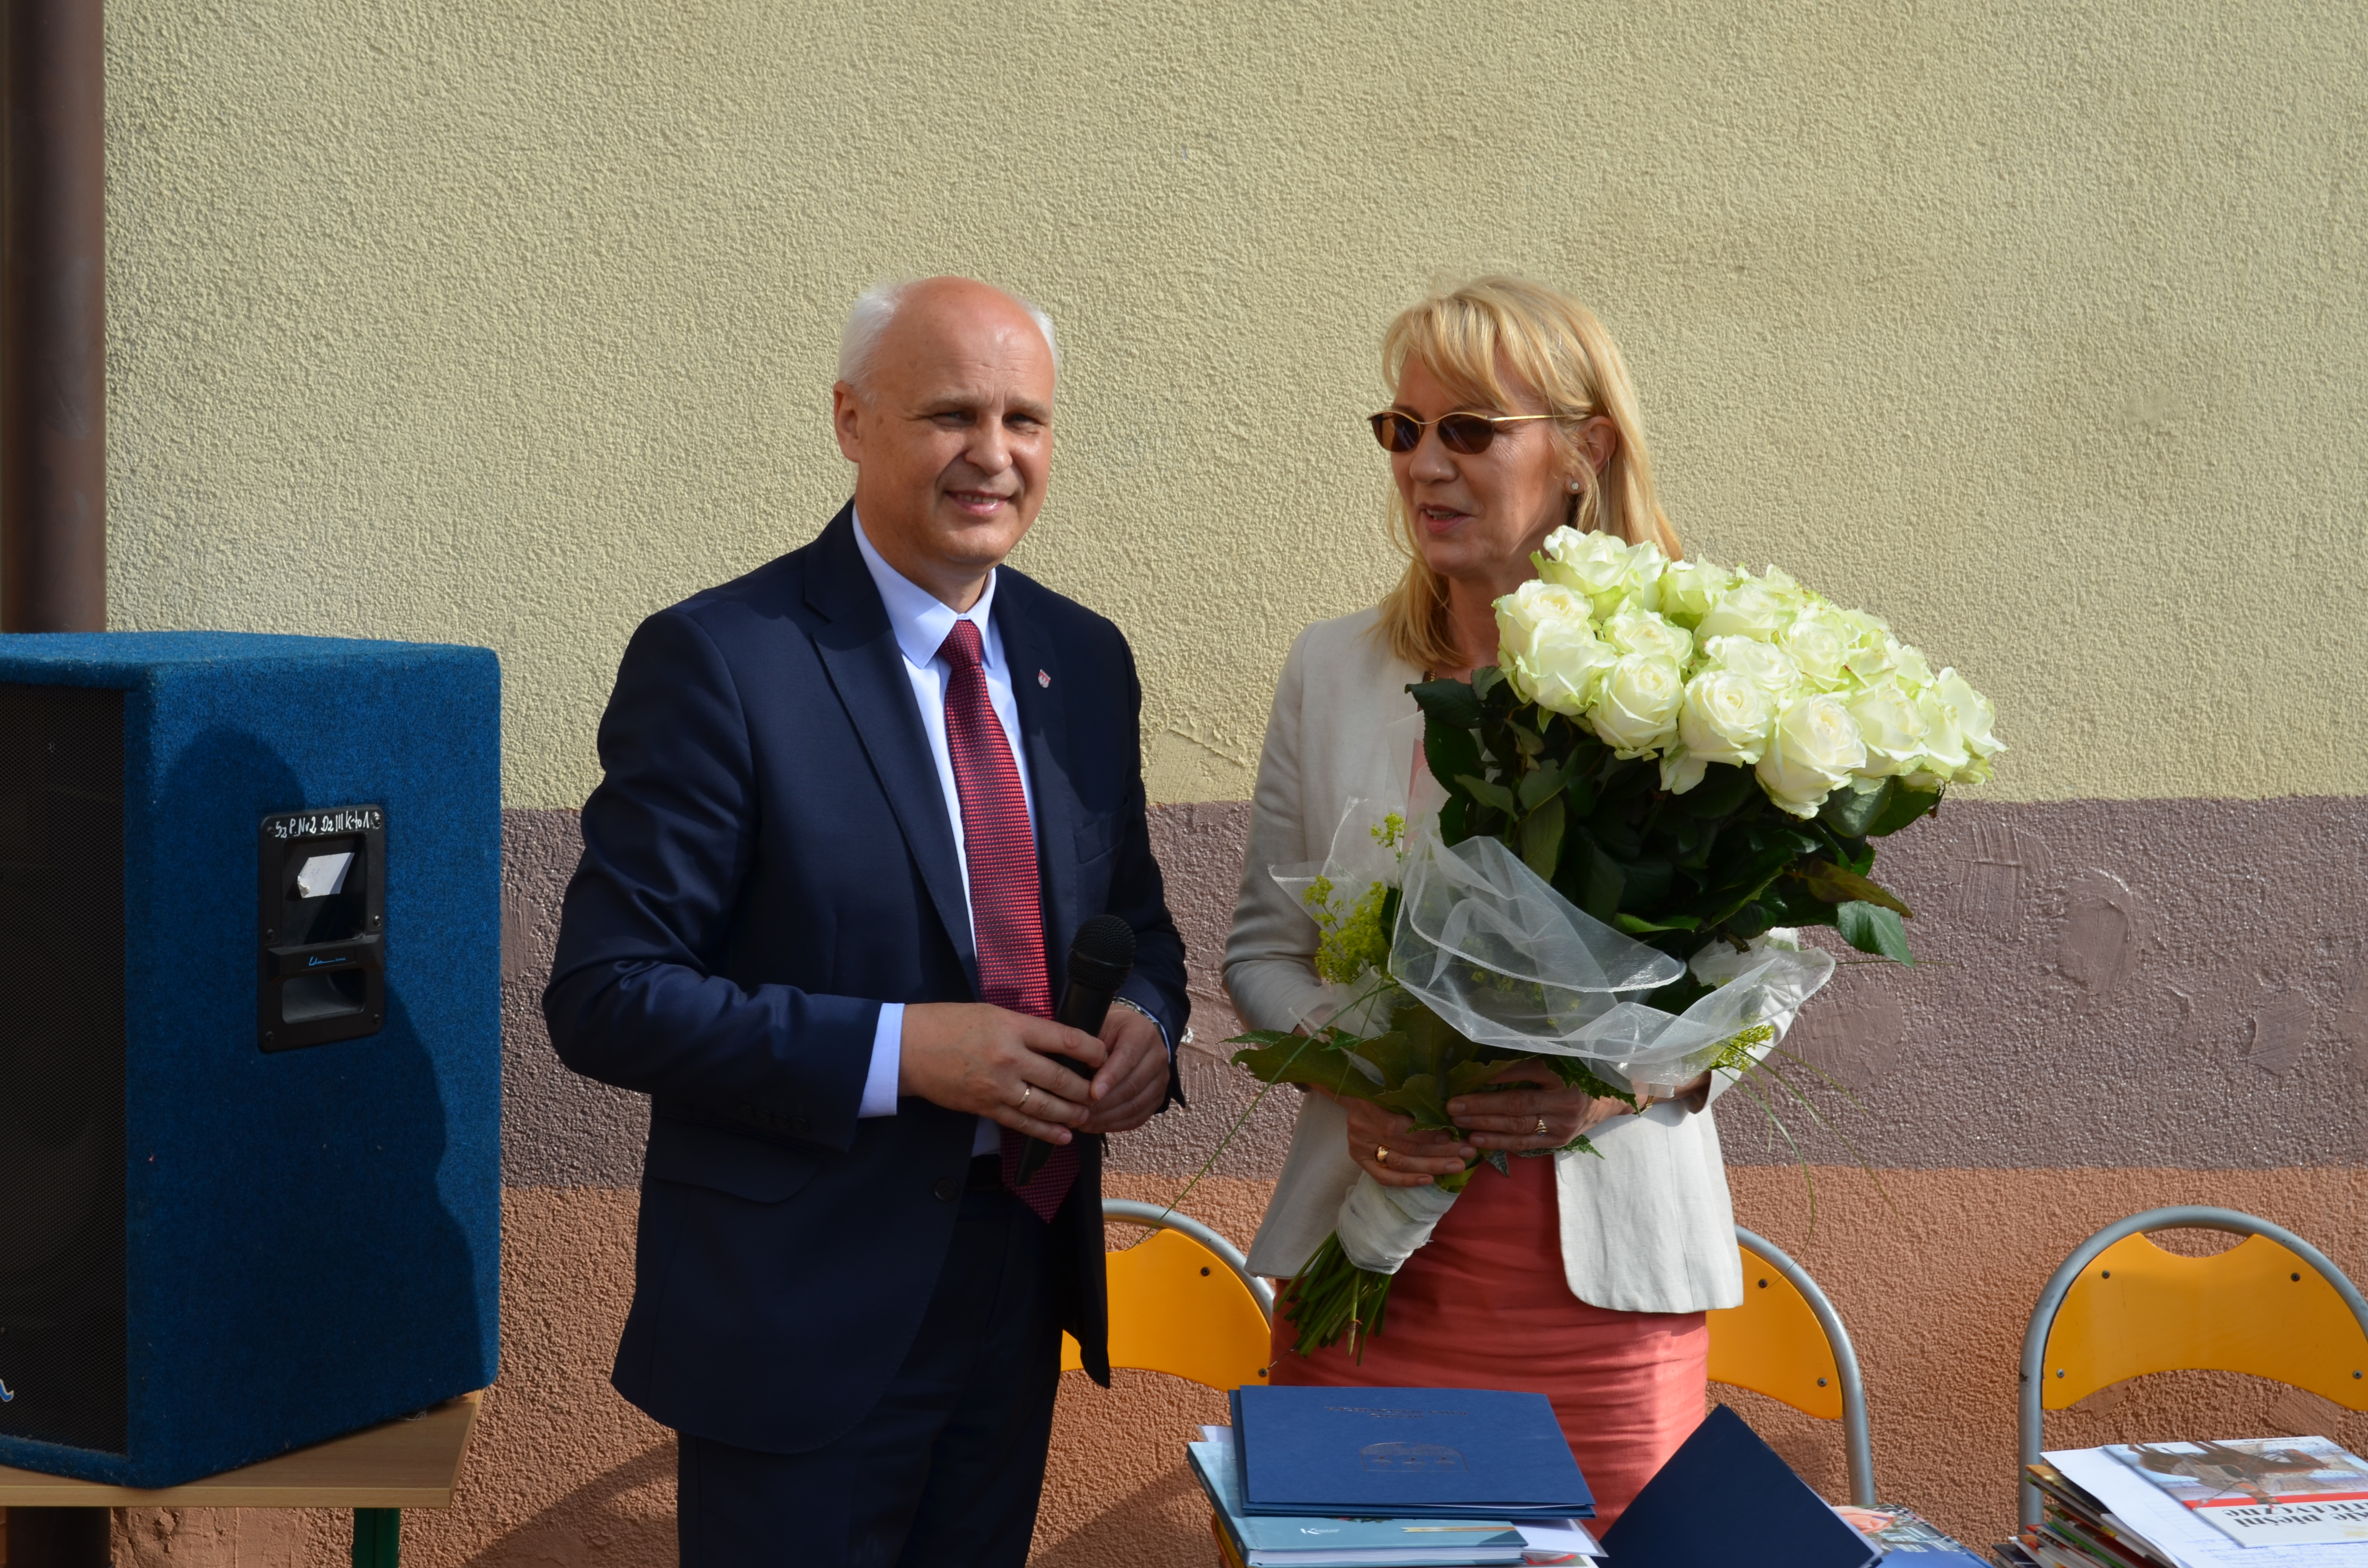 Podczas zakończenia roku szkolnego burmistrz Piotr Irla podziękował Romanie Sawickiej za pracę na stanowisku dyrektora szkoły.